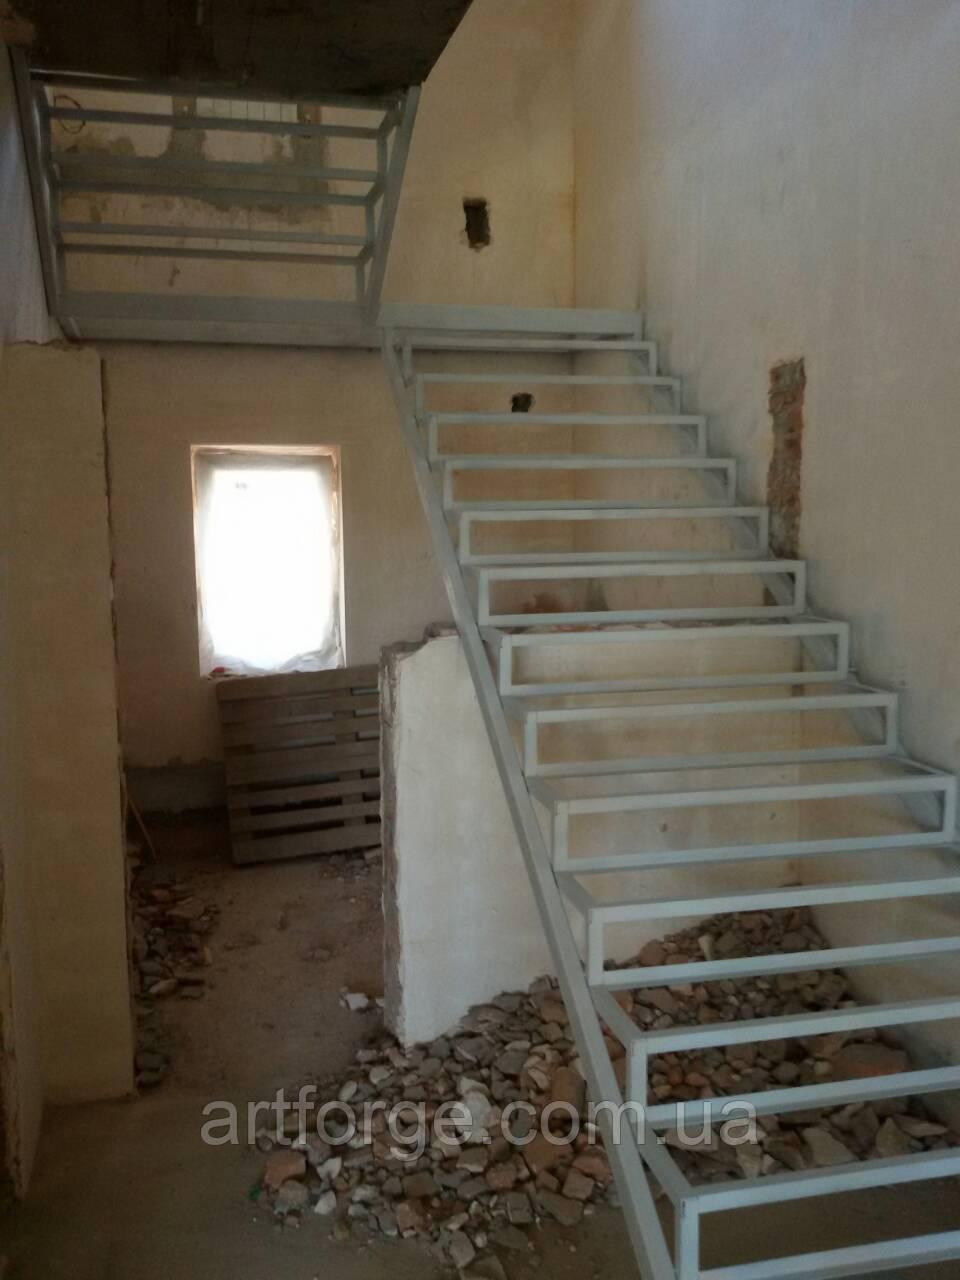 Металлокаркас П-образной лестницы с площадкой